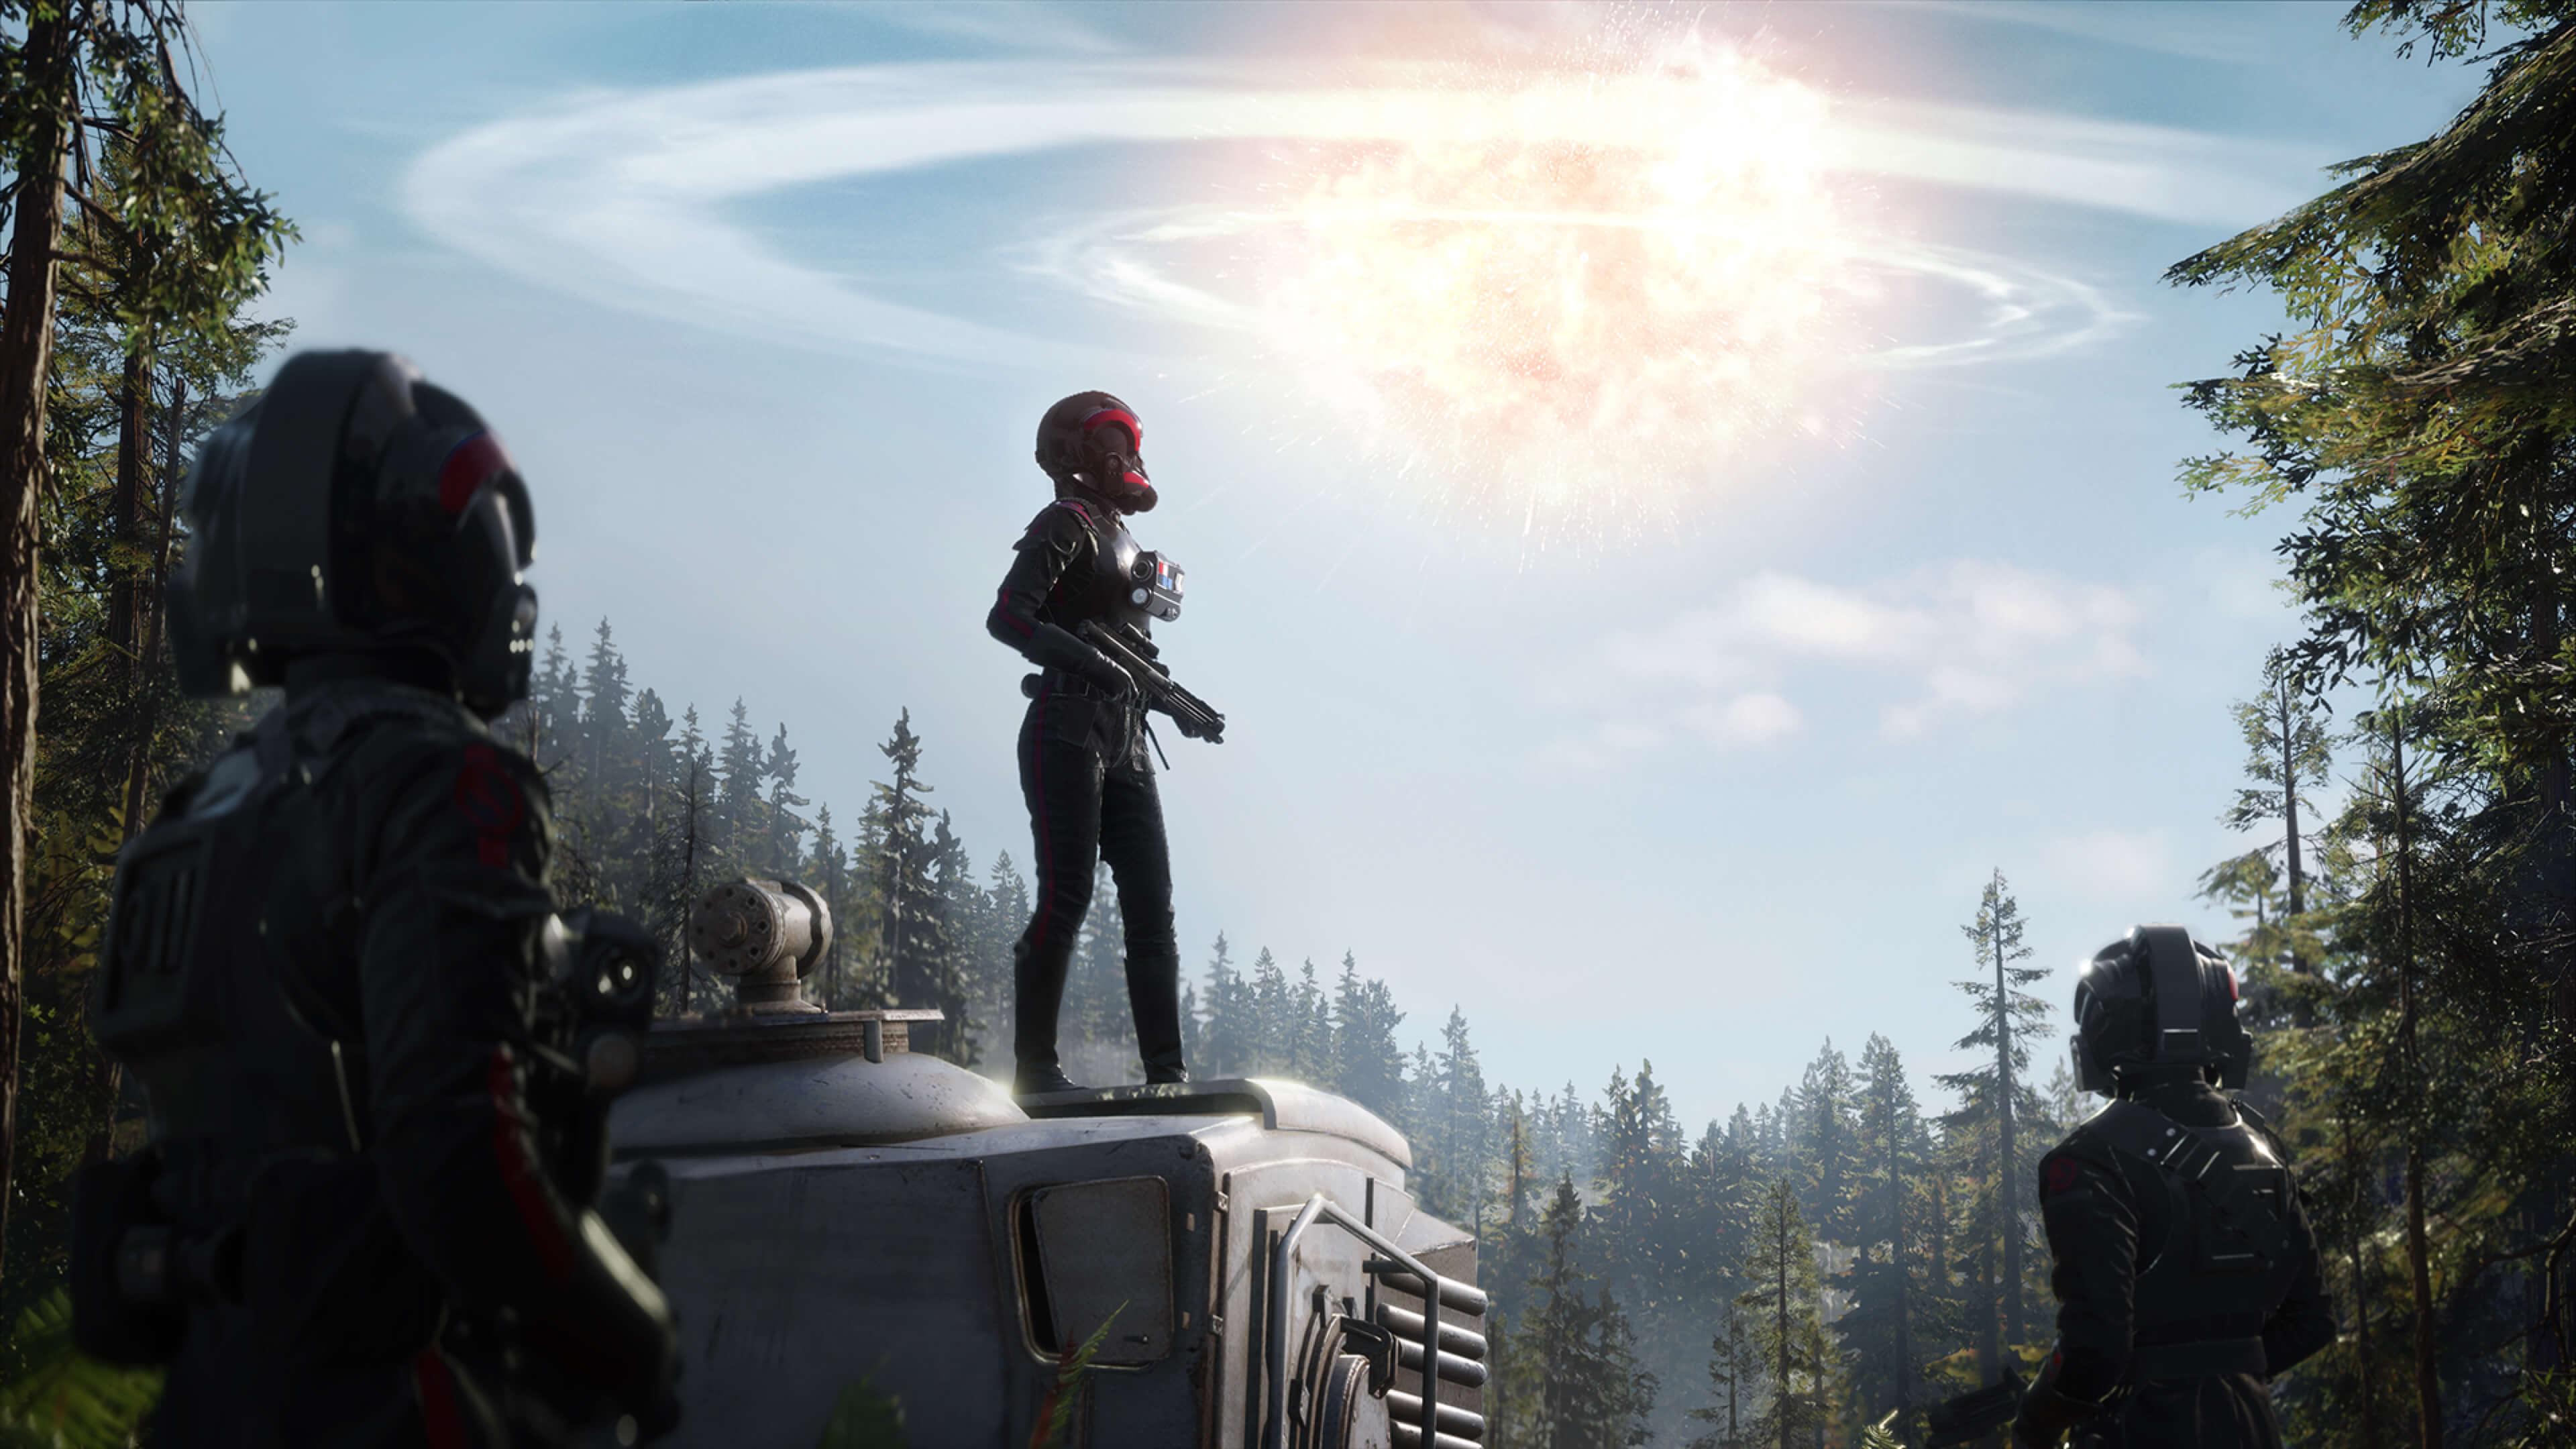 Star Wars Battlefront 2 Background: Star Wars EA Battlefront 2 Wallpaper HD Hi Res 15